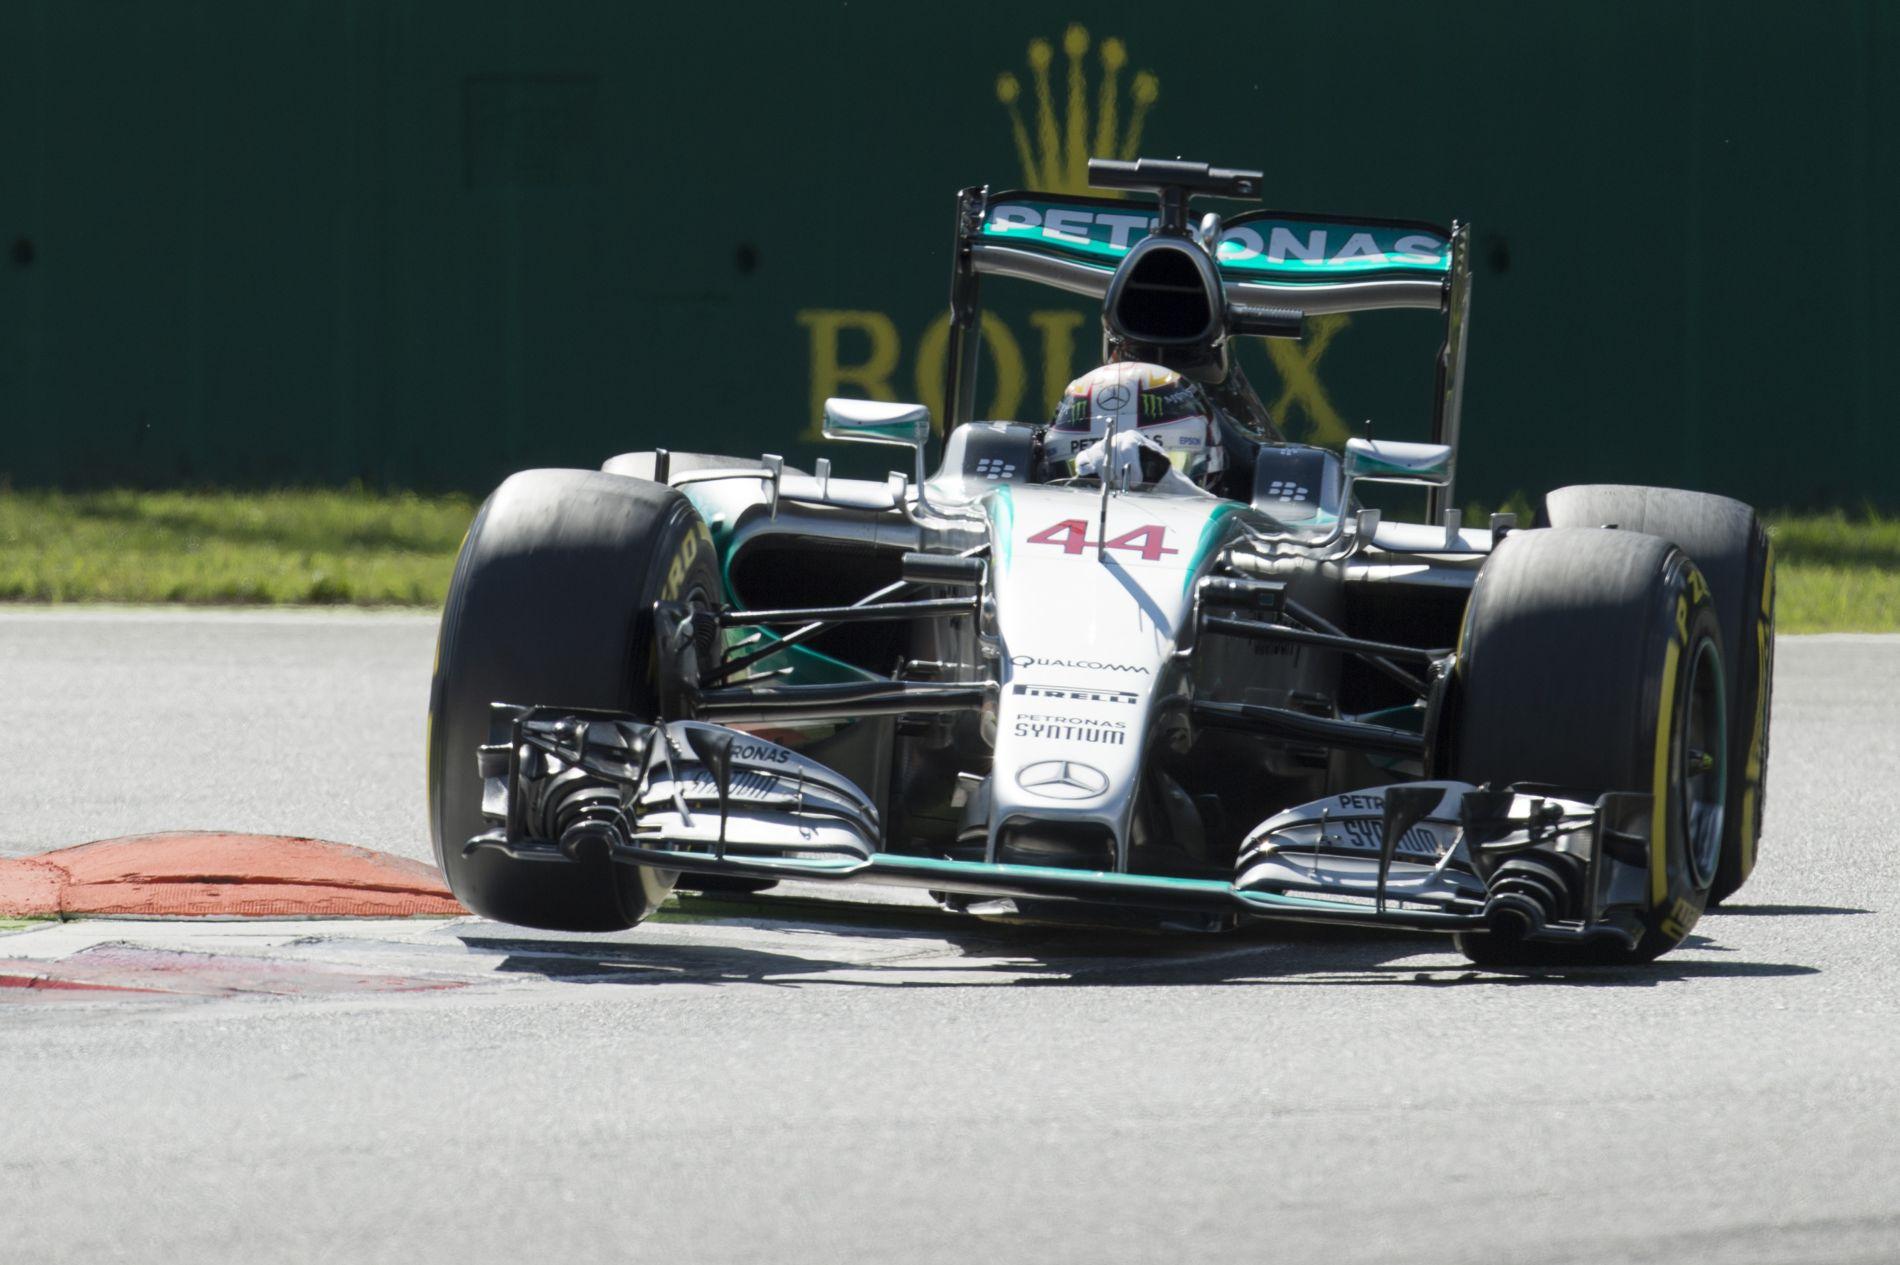 Nem a guminyomás miatt nyert a Mercedes, hanem azért, mert a leggyorsabb volt